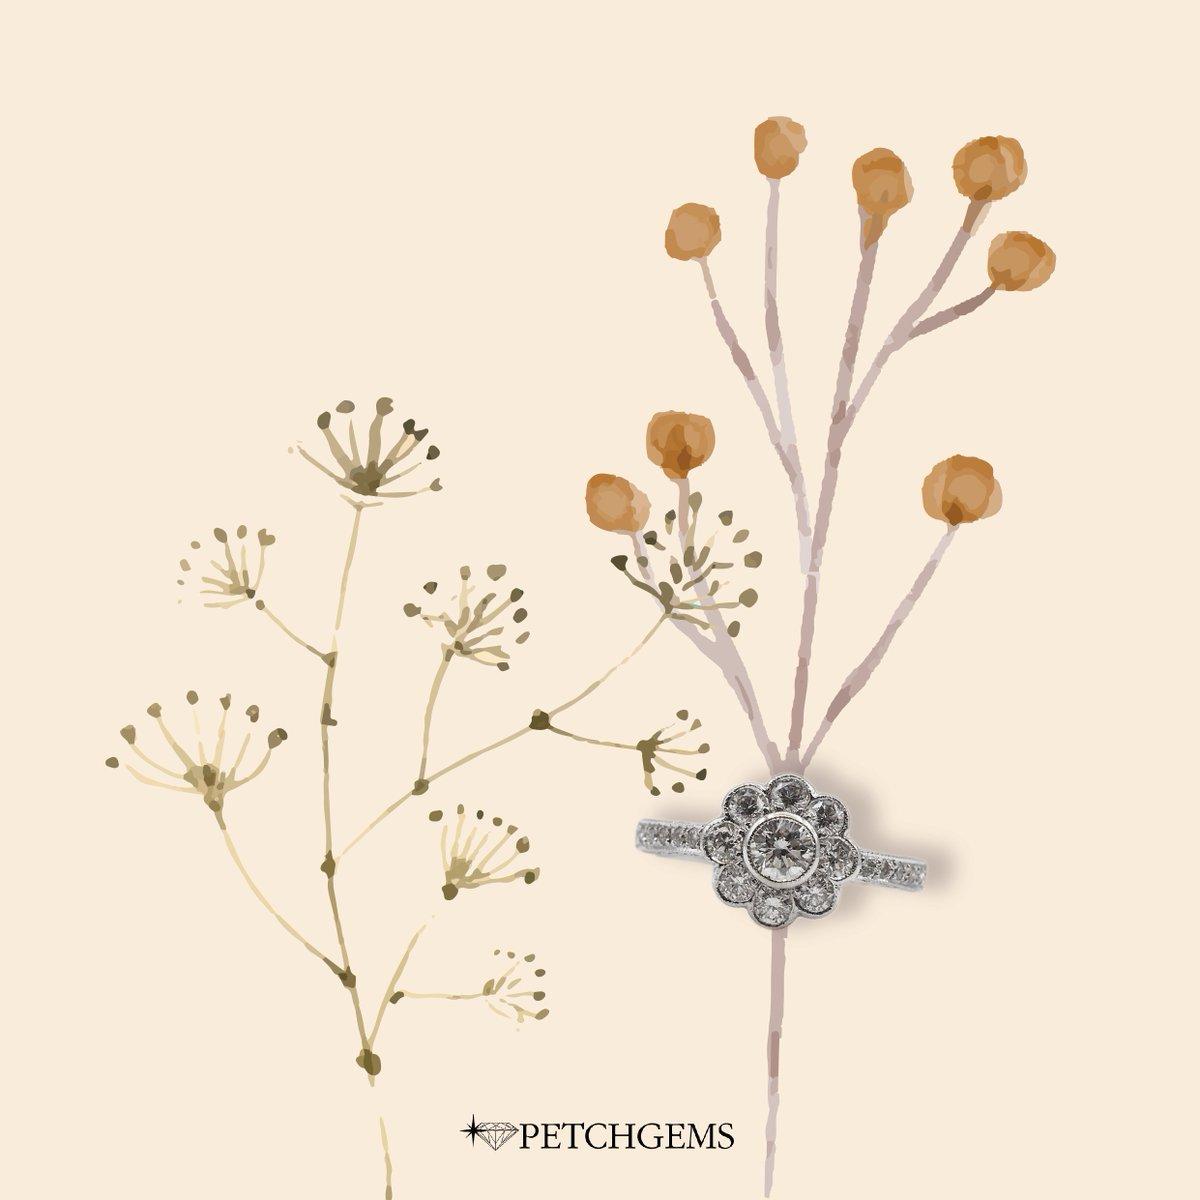 Winter Rain สายลมหนาวและดอกไม้ #แหวนเพชร ออกแบบให้สวยงามดั่งดอกไม้ เพชรล้อมเพชรอีกชั้น เพชรชูดูใหญ่ขึ้นค่ะ  💍แหวนเพชรดอกไม้  🛒ราคาปกติ 56,000 บาท 44,800 บาท #เพชรเจมส์ #ร้านเพชรเชียงใหม่